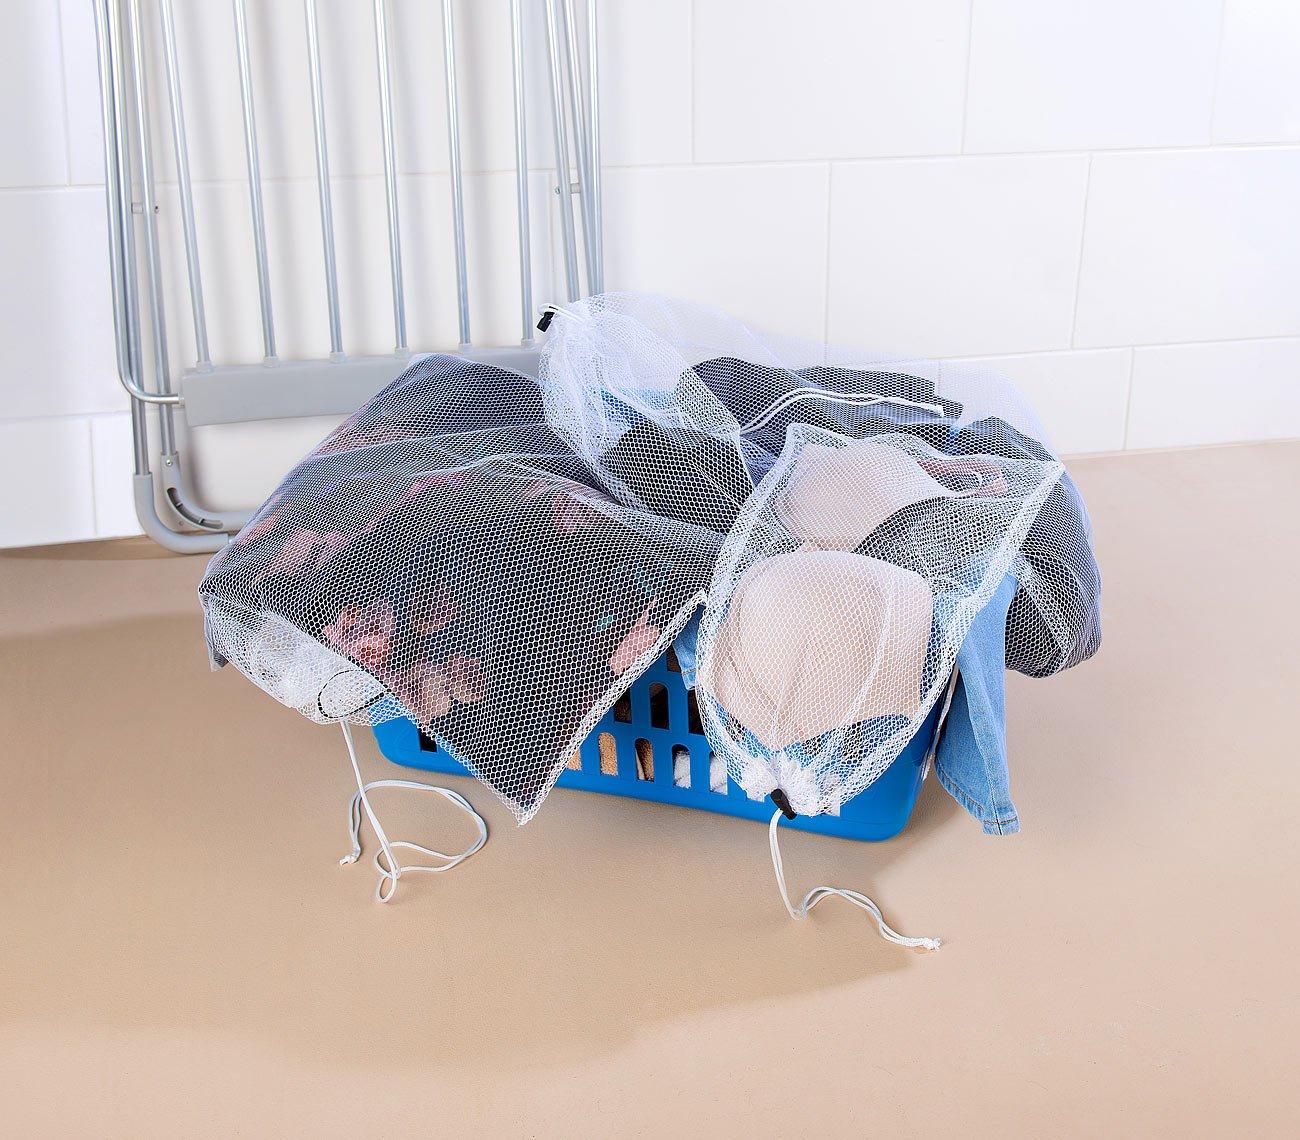 PEARL basic Waschbeutel: W/äschenetze f/ür schonende Waschmaschinen-W/äsche 6er-Set 4 Gr/ö/ßen W/äschebeutel f/ür Waschmaschine